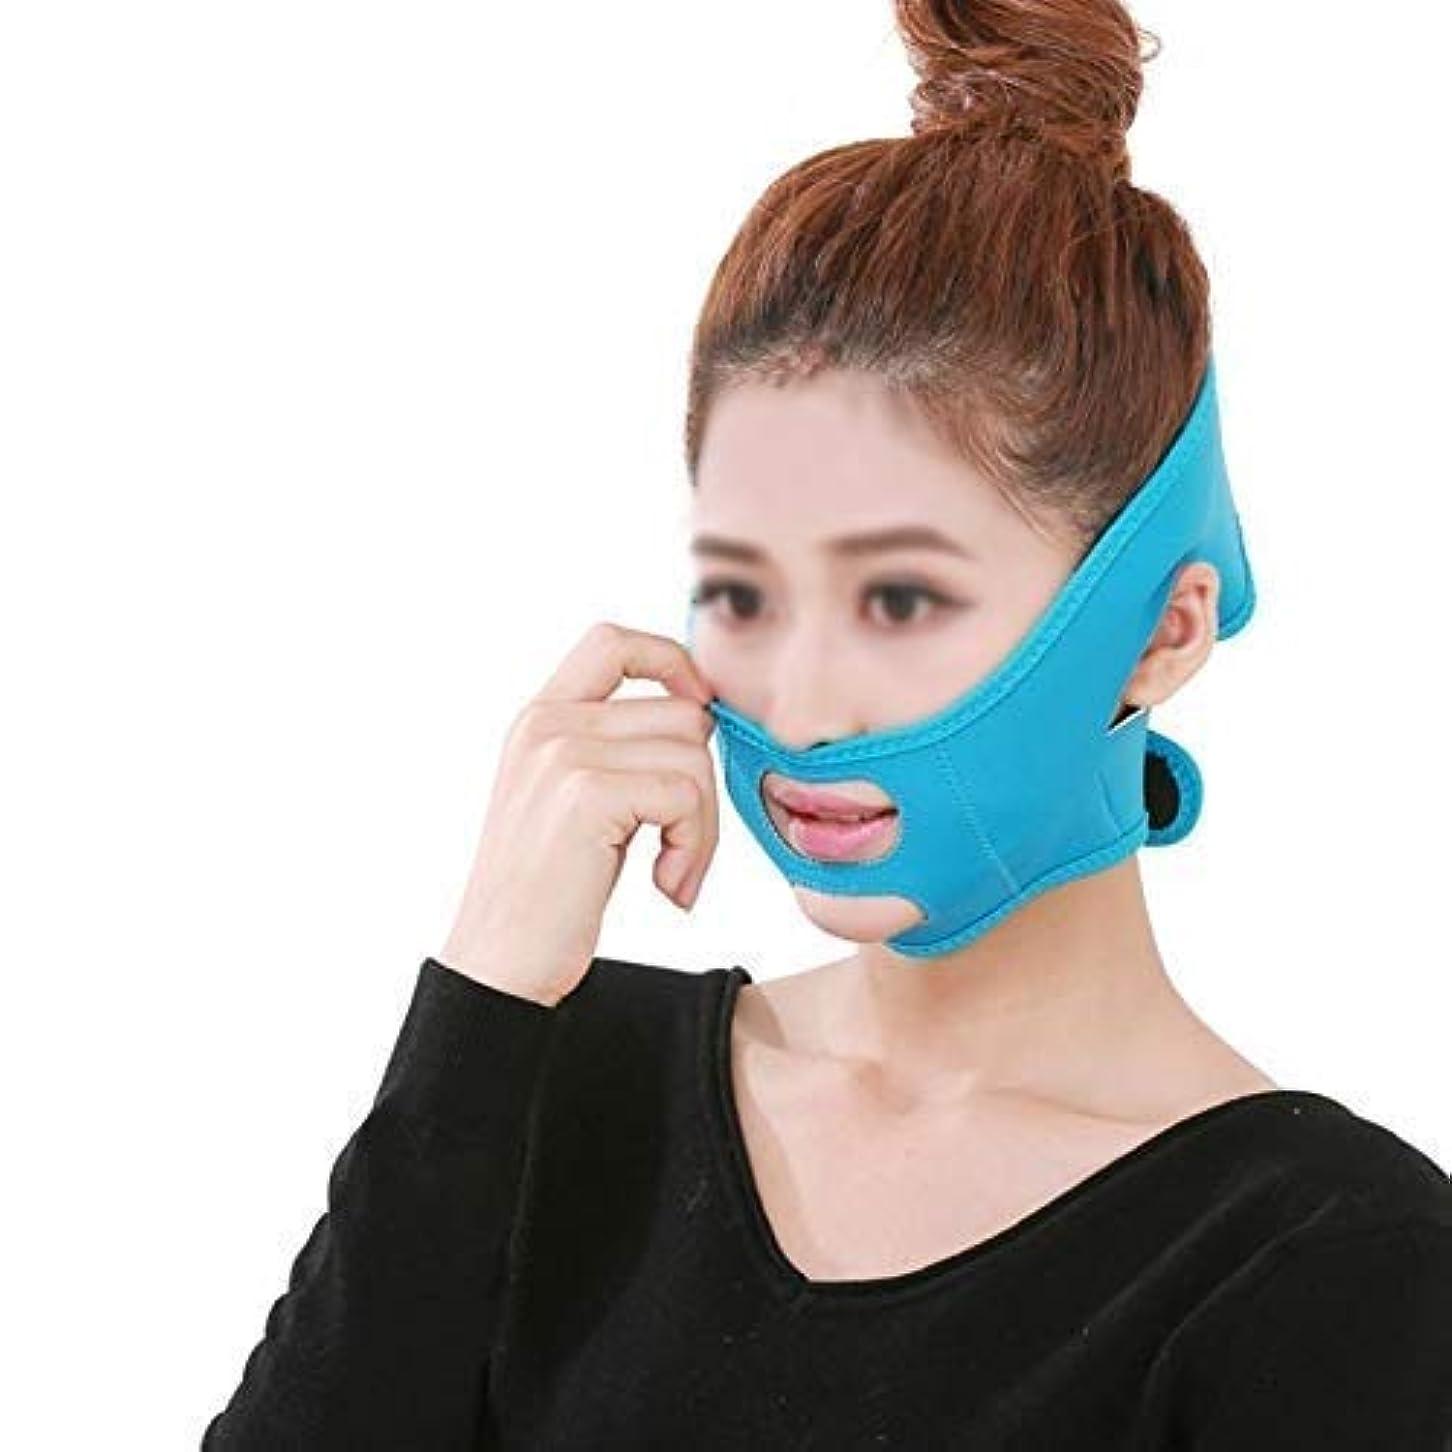 故国起きている撃退するフェイスリフトフェイシャル、フェイシャルマスクVフェイスマスクタイトで肌のリラクゼーションを防止Vフェイスアーティファクトフェイスリフトバンデージフェイスケア(色:青)